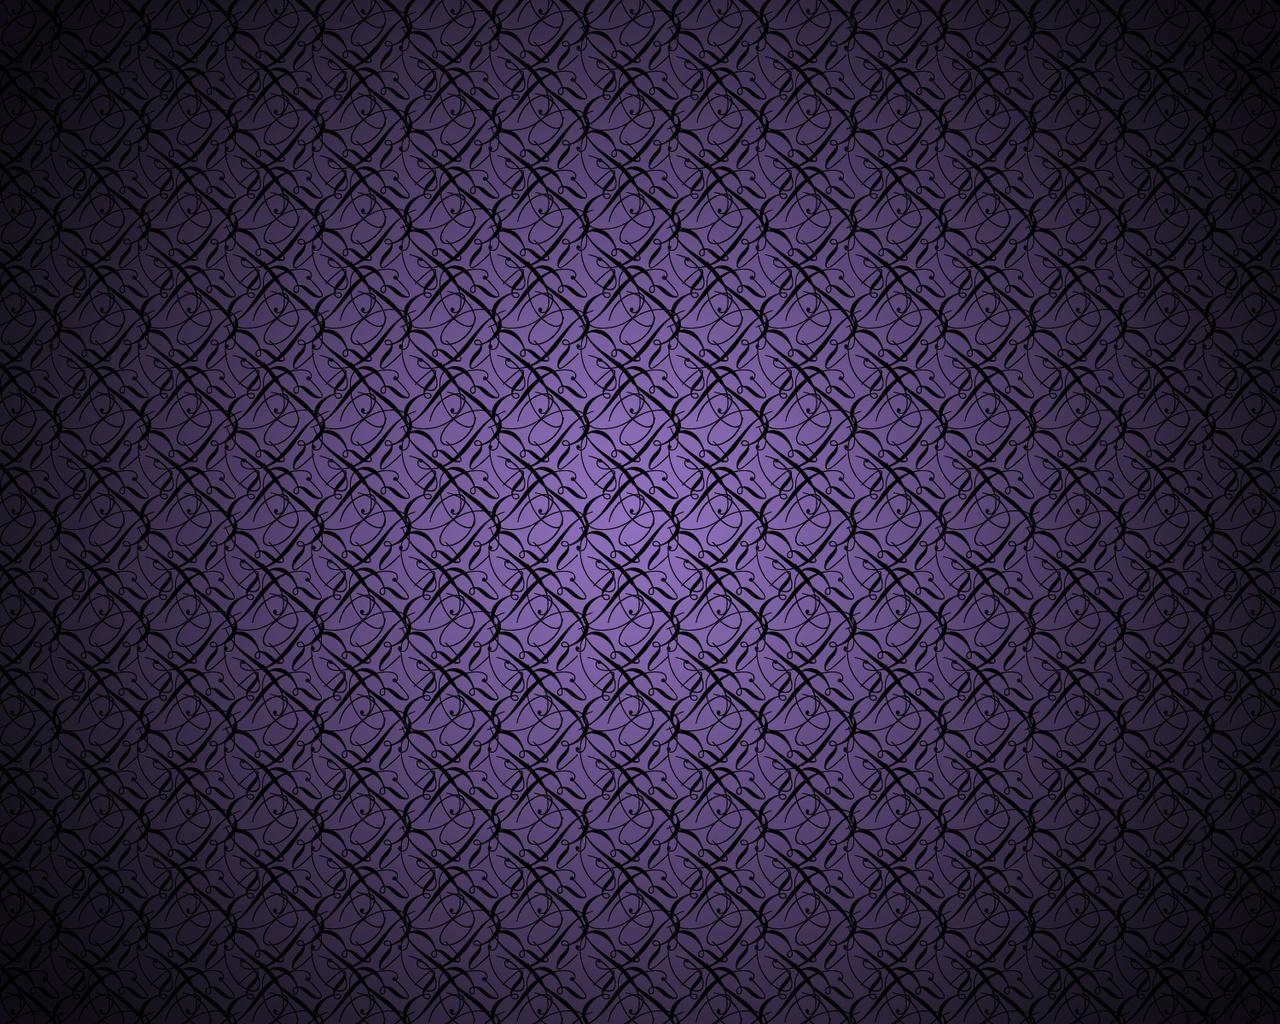 15394 скачать Фиолетовые обои на телефон бесплатно, Фон, Узоры Фиолетовые картинки и заставки на мобильный